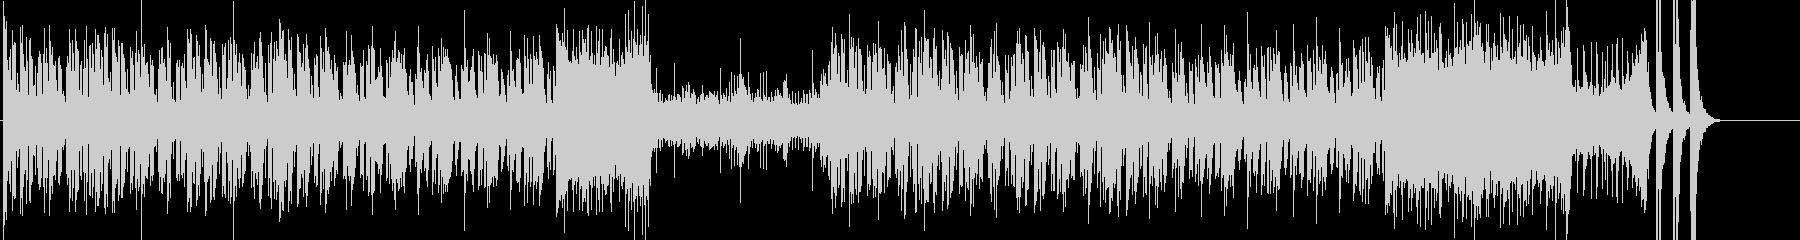 琴や笛の和楽器による和テイストのメロディの未再生の波形